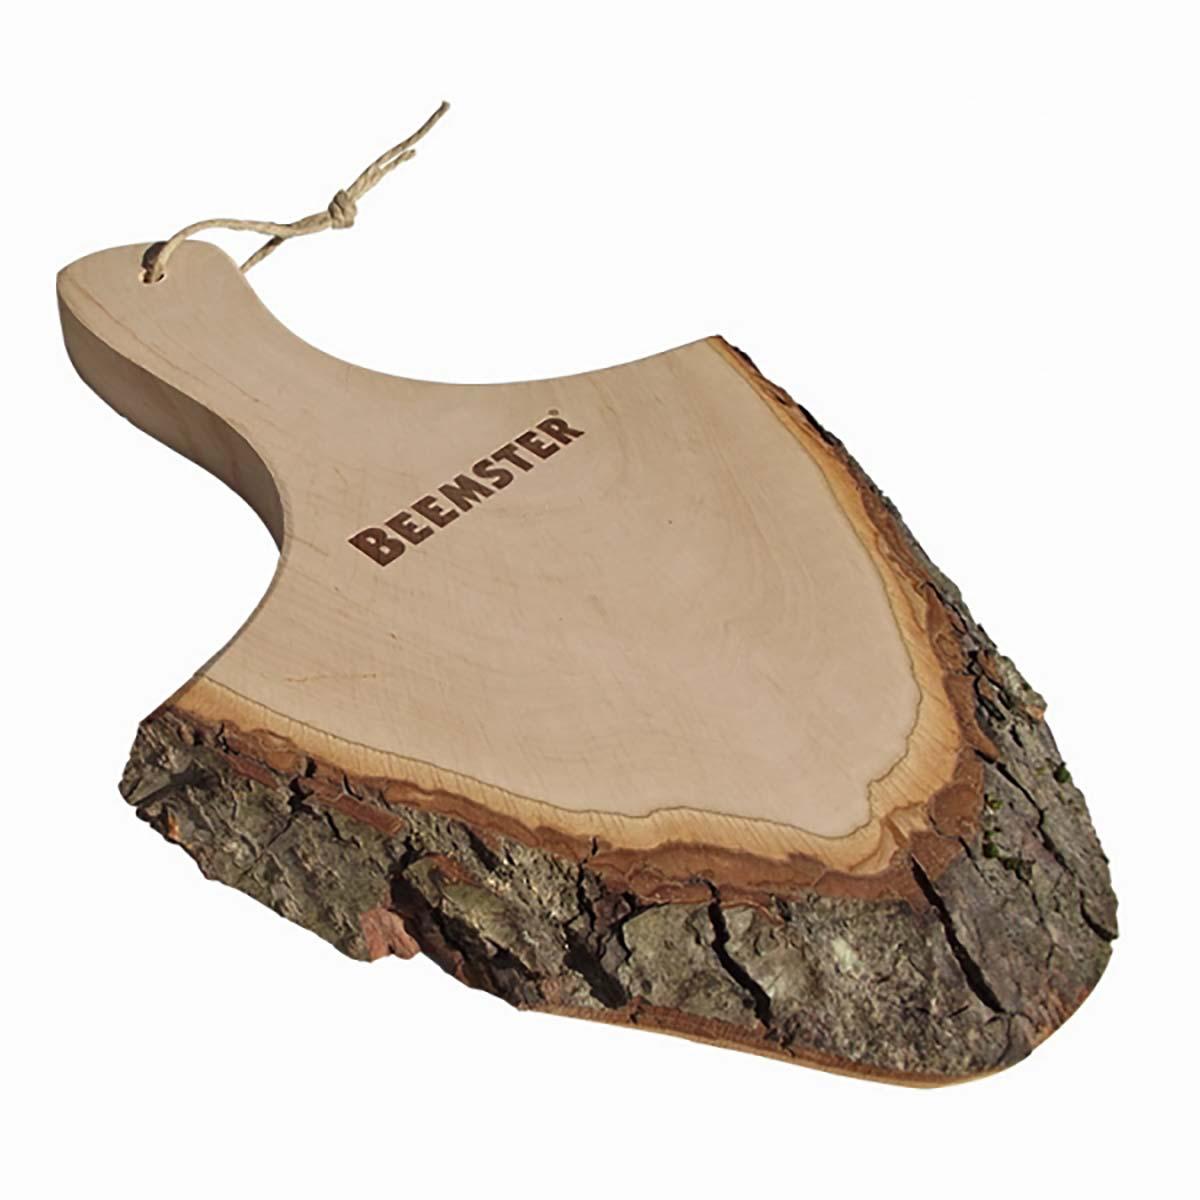 Holzbrett mit Rinde Erlenholz. Mit Ihrer Lasergravur oder Einbrennung. In verschiedenen Grössen.